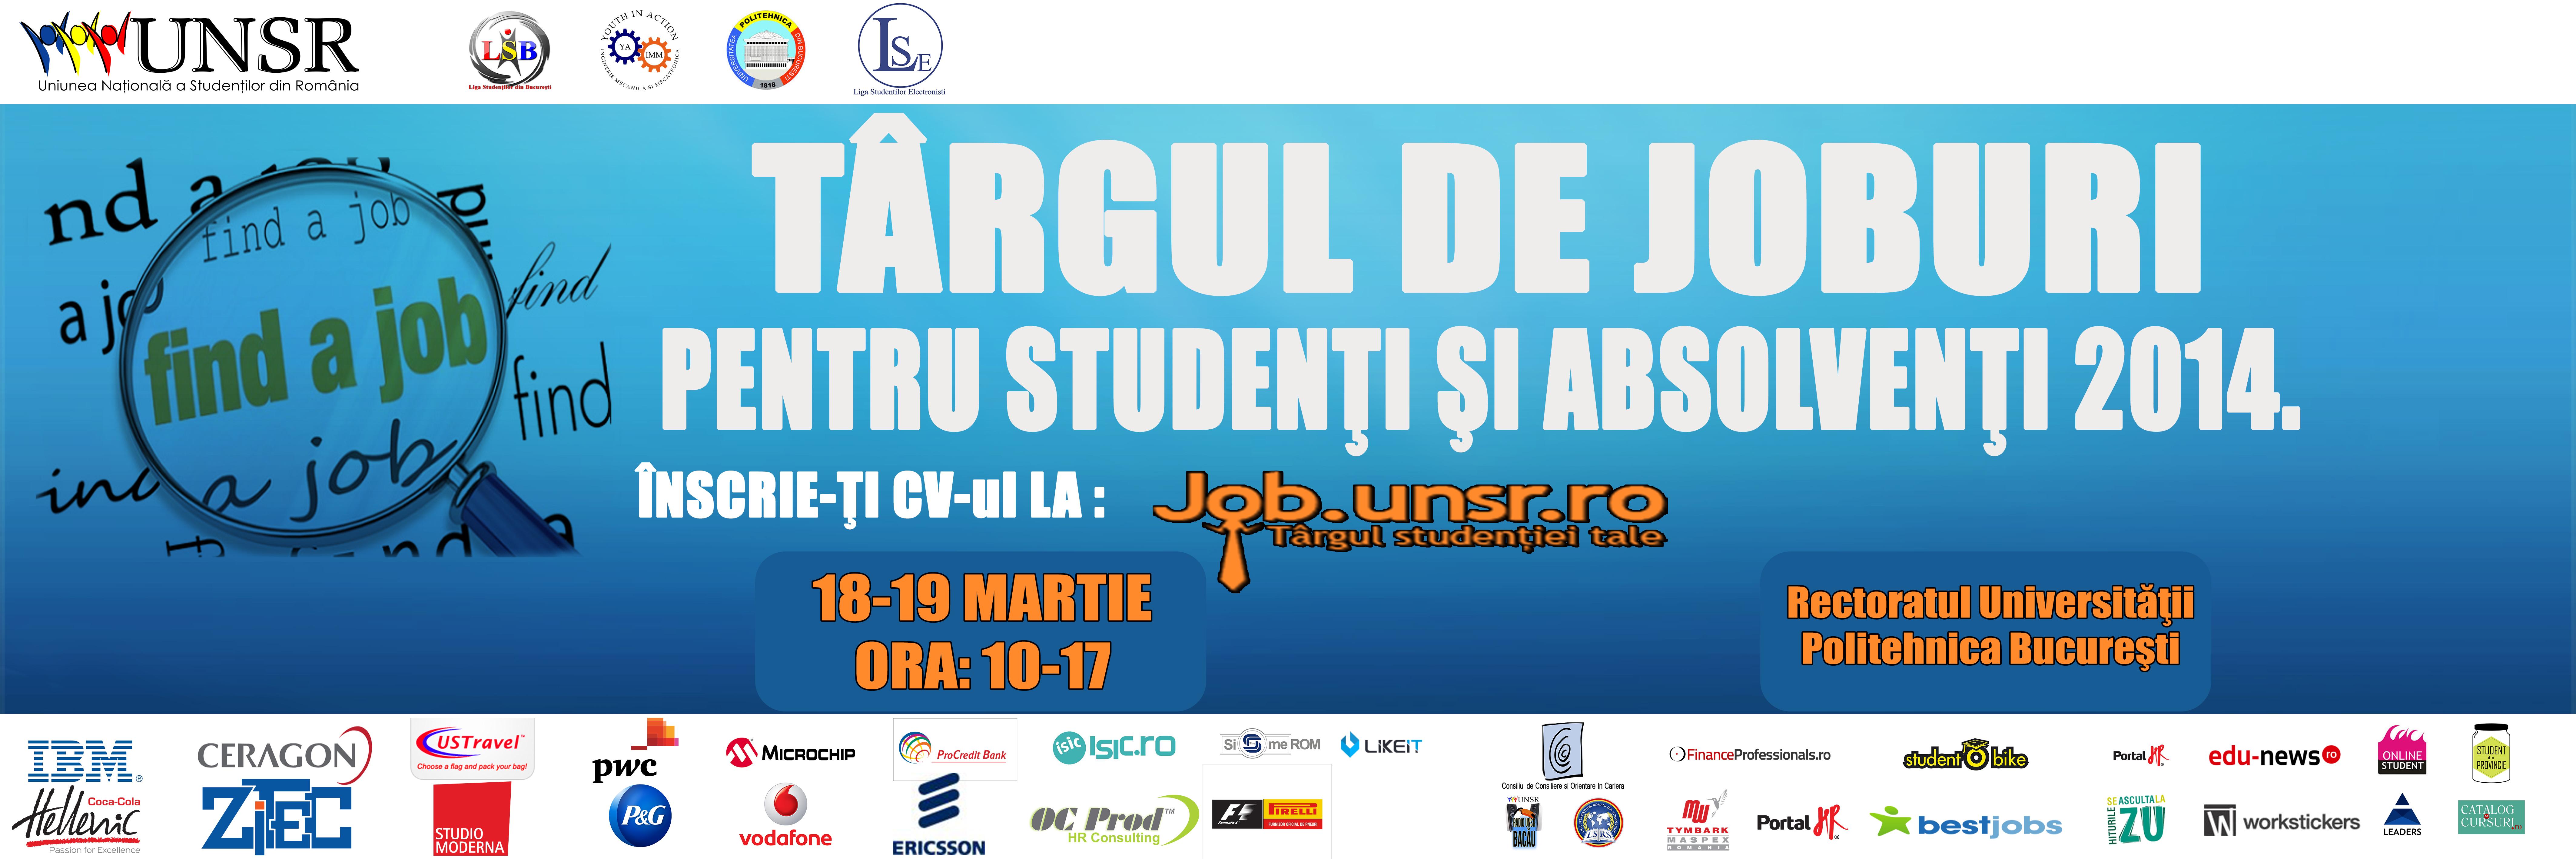 Azi negociezi, mâine te angajezi! Vino la Târgul de joburi pentru studenți și absolvenți 2014